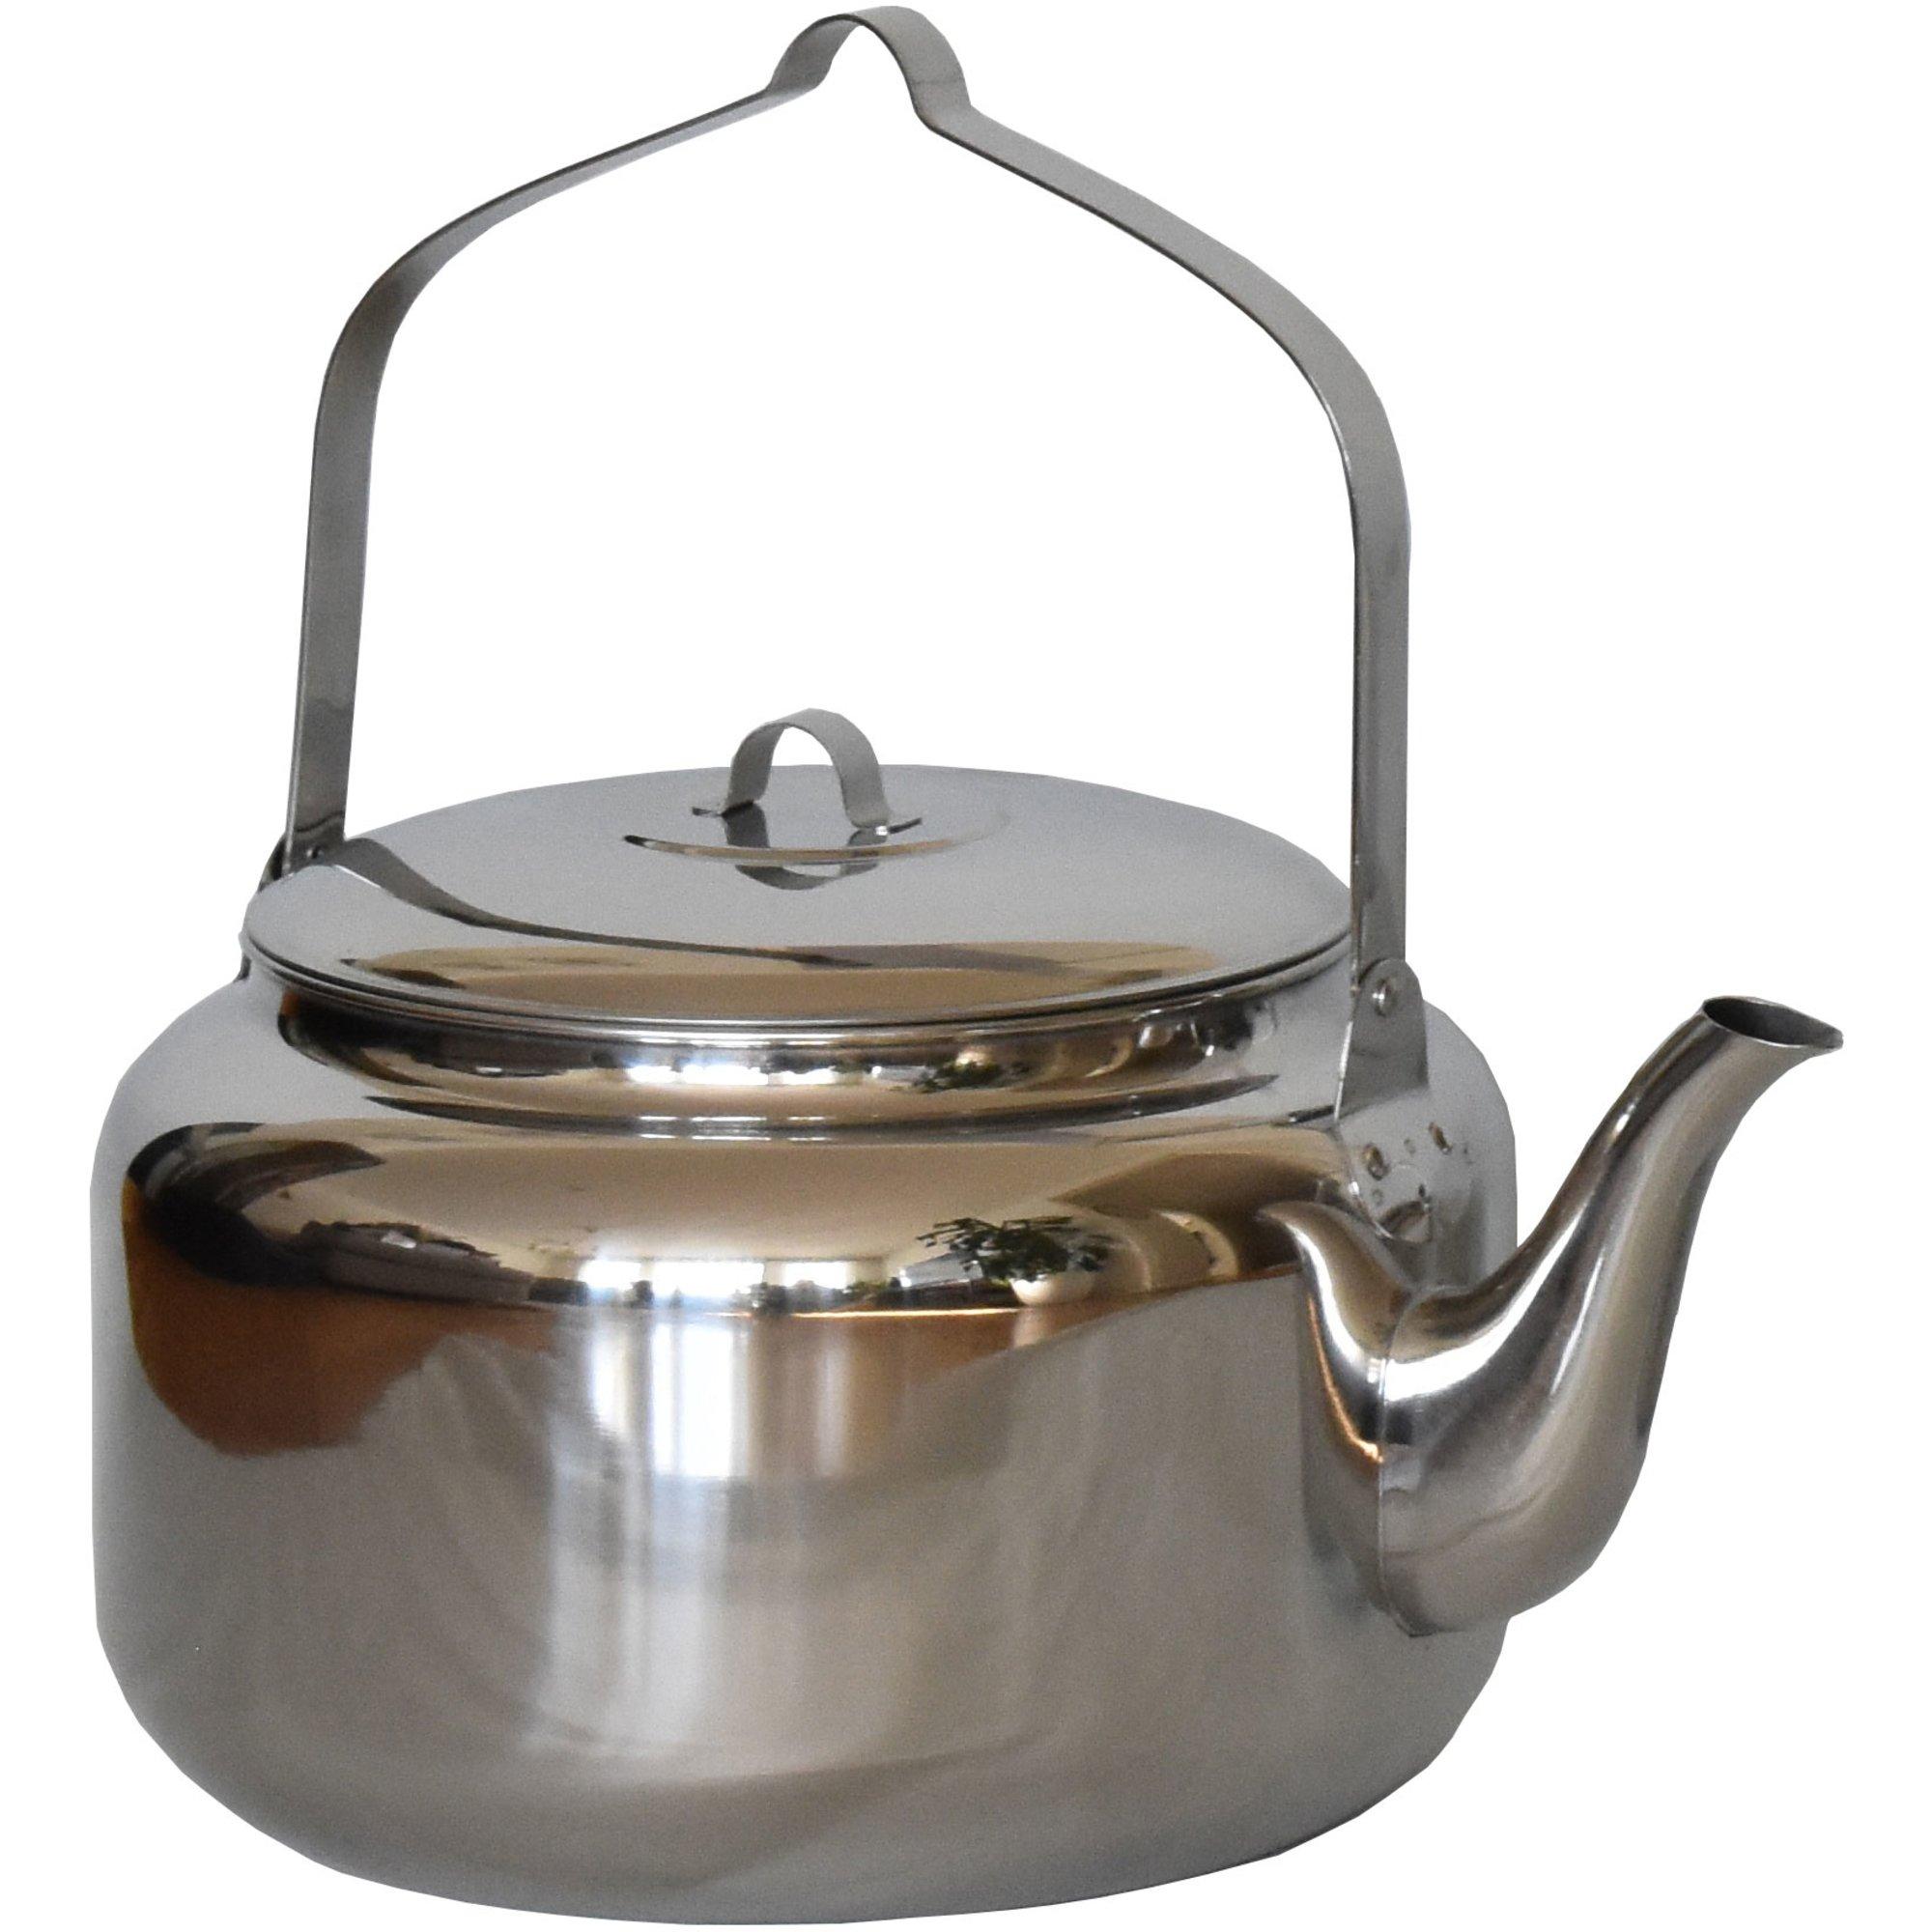 Hällmark Kaffepanna till öppen eld 5 liter